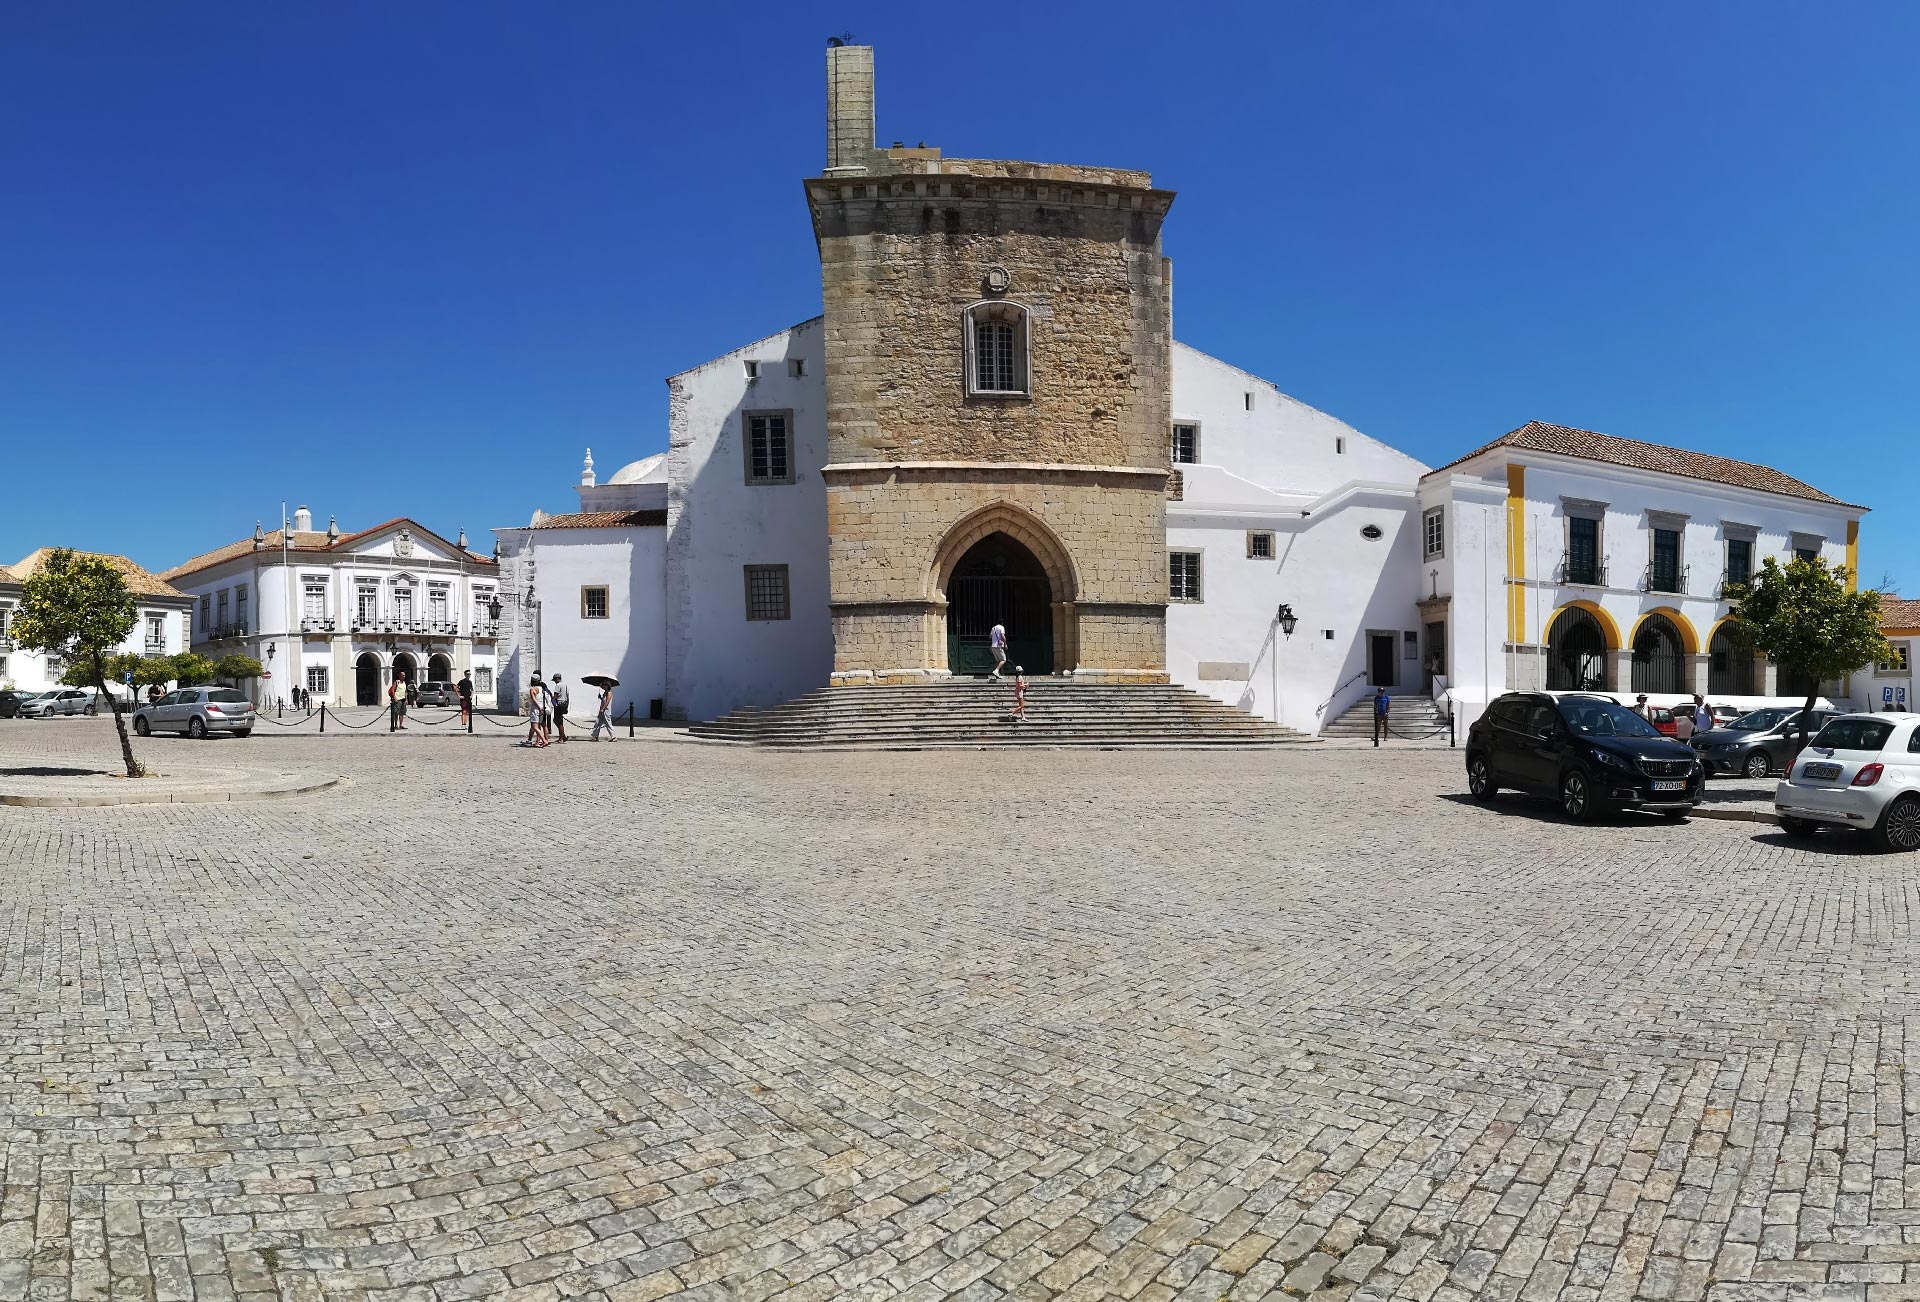 La Cattedrale di Santa Maria nel centro storico di Faro, Algarve, Portogallo